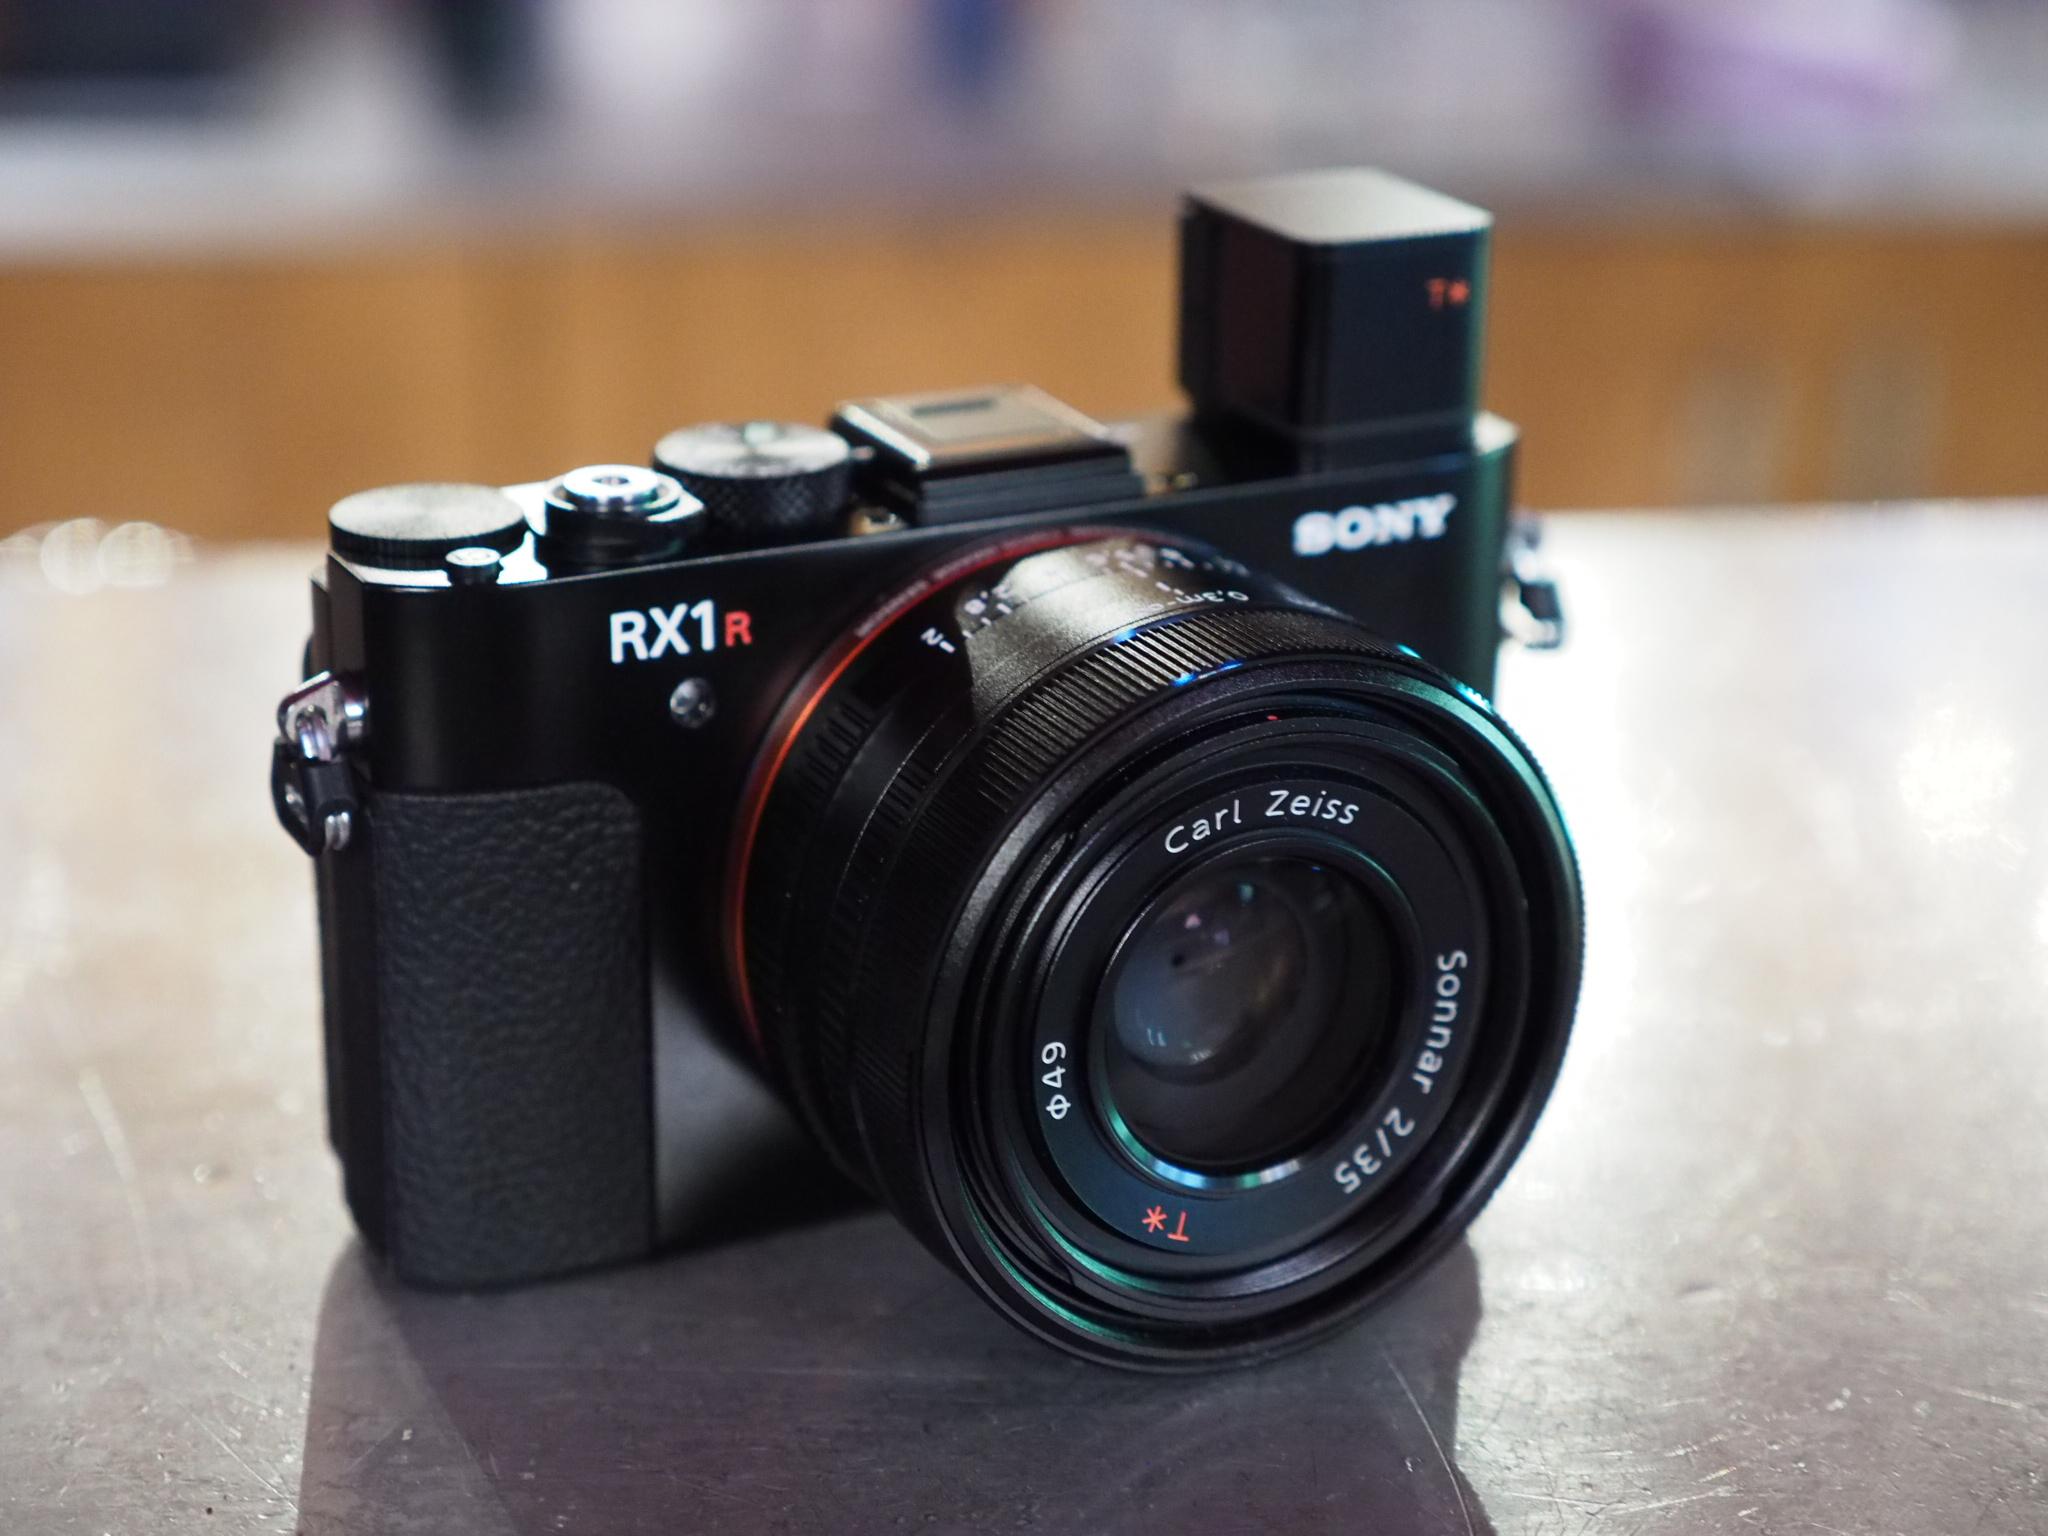 Sony RX1R II Cyber-Shot Vs Sony RX1 Cyber-Shot Vs Sony RX1R Cyber-Shot